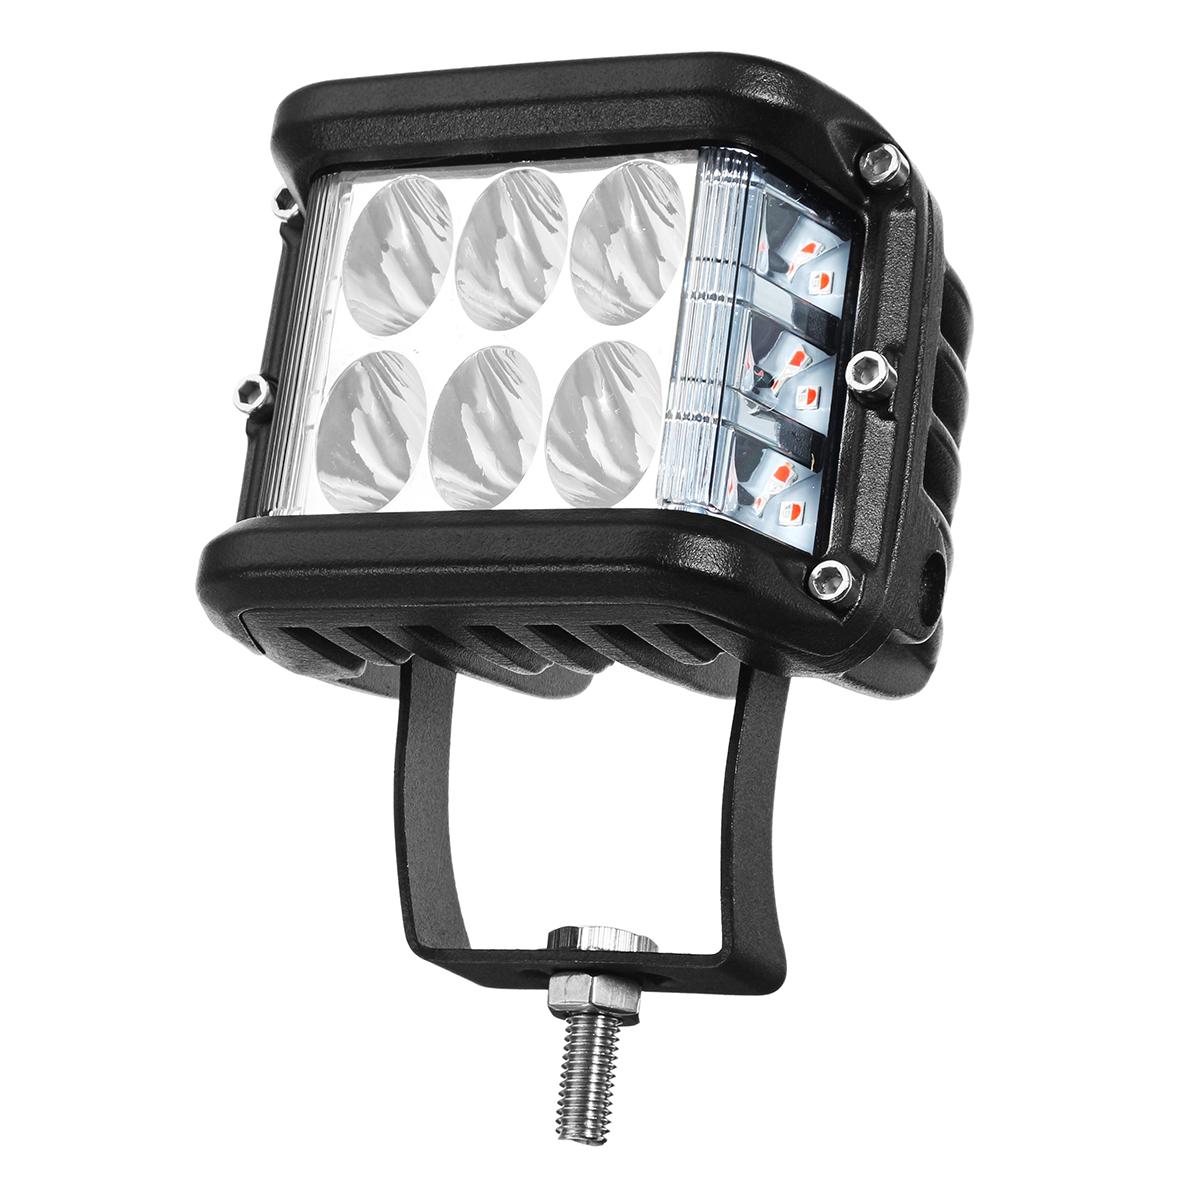 4Inch LED Work Light Bar ...